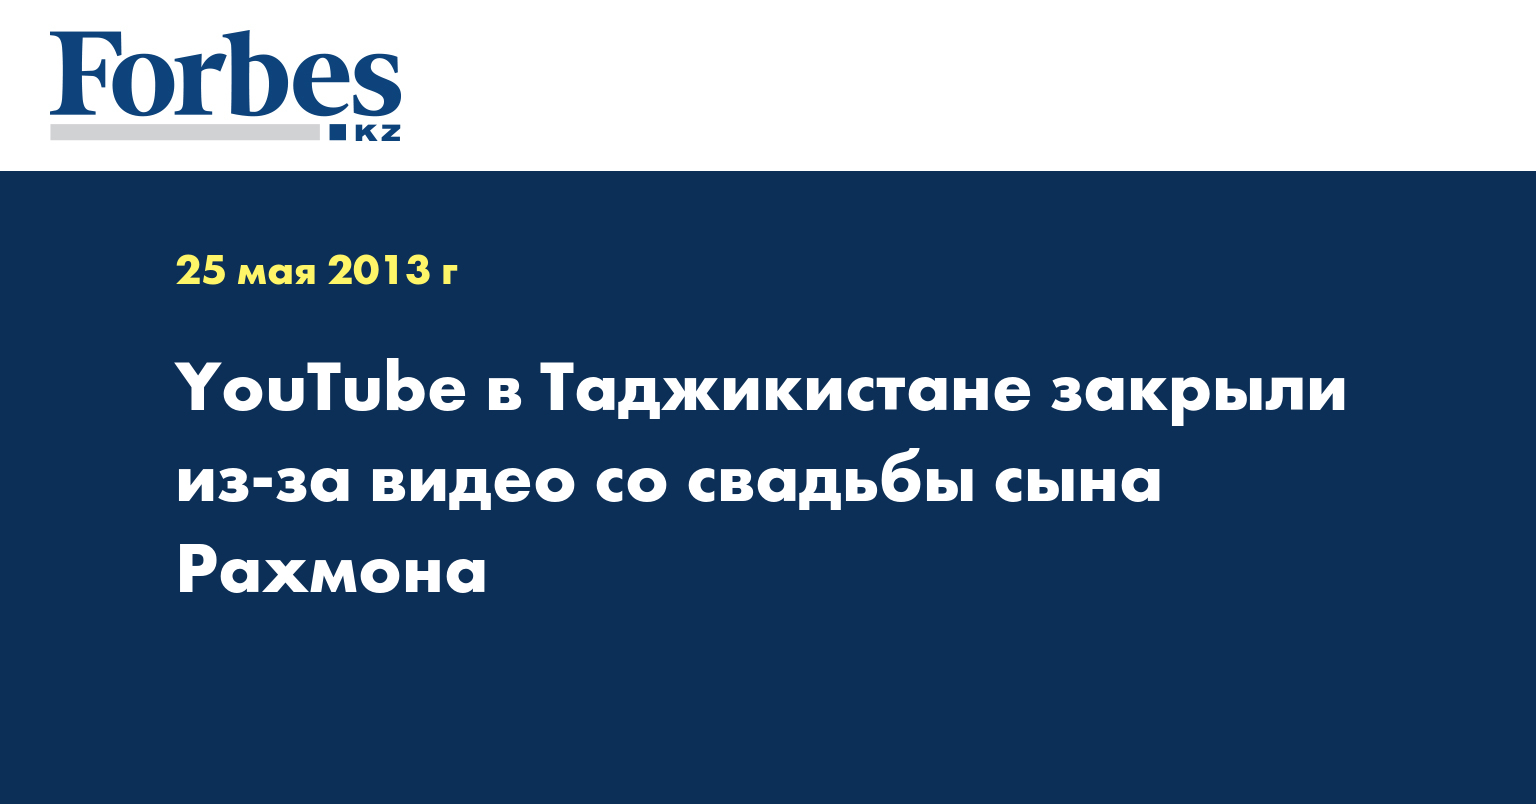 YouTube в Таджикистане закрыли из-за видео со свадьбы сына Рахмона